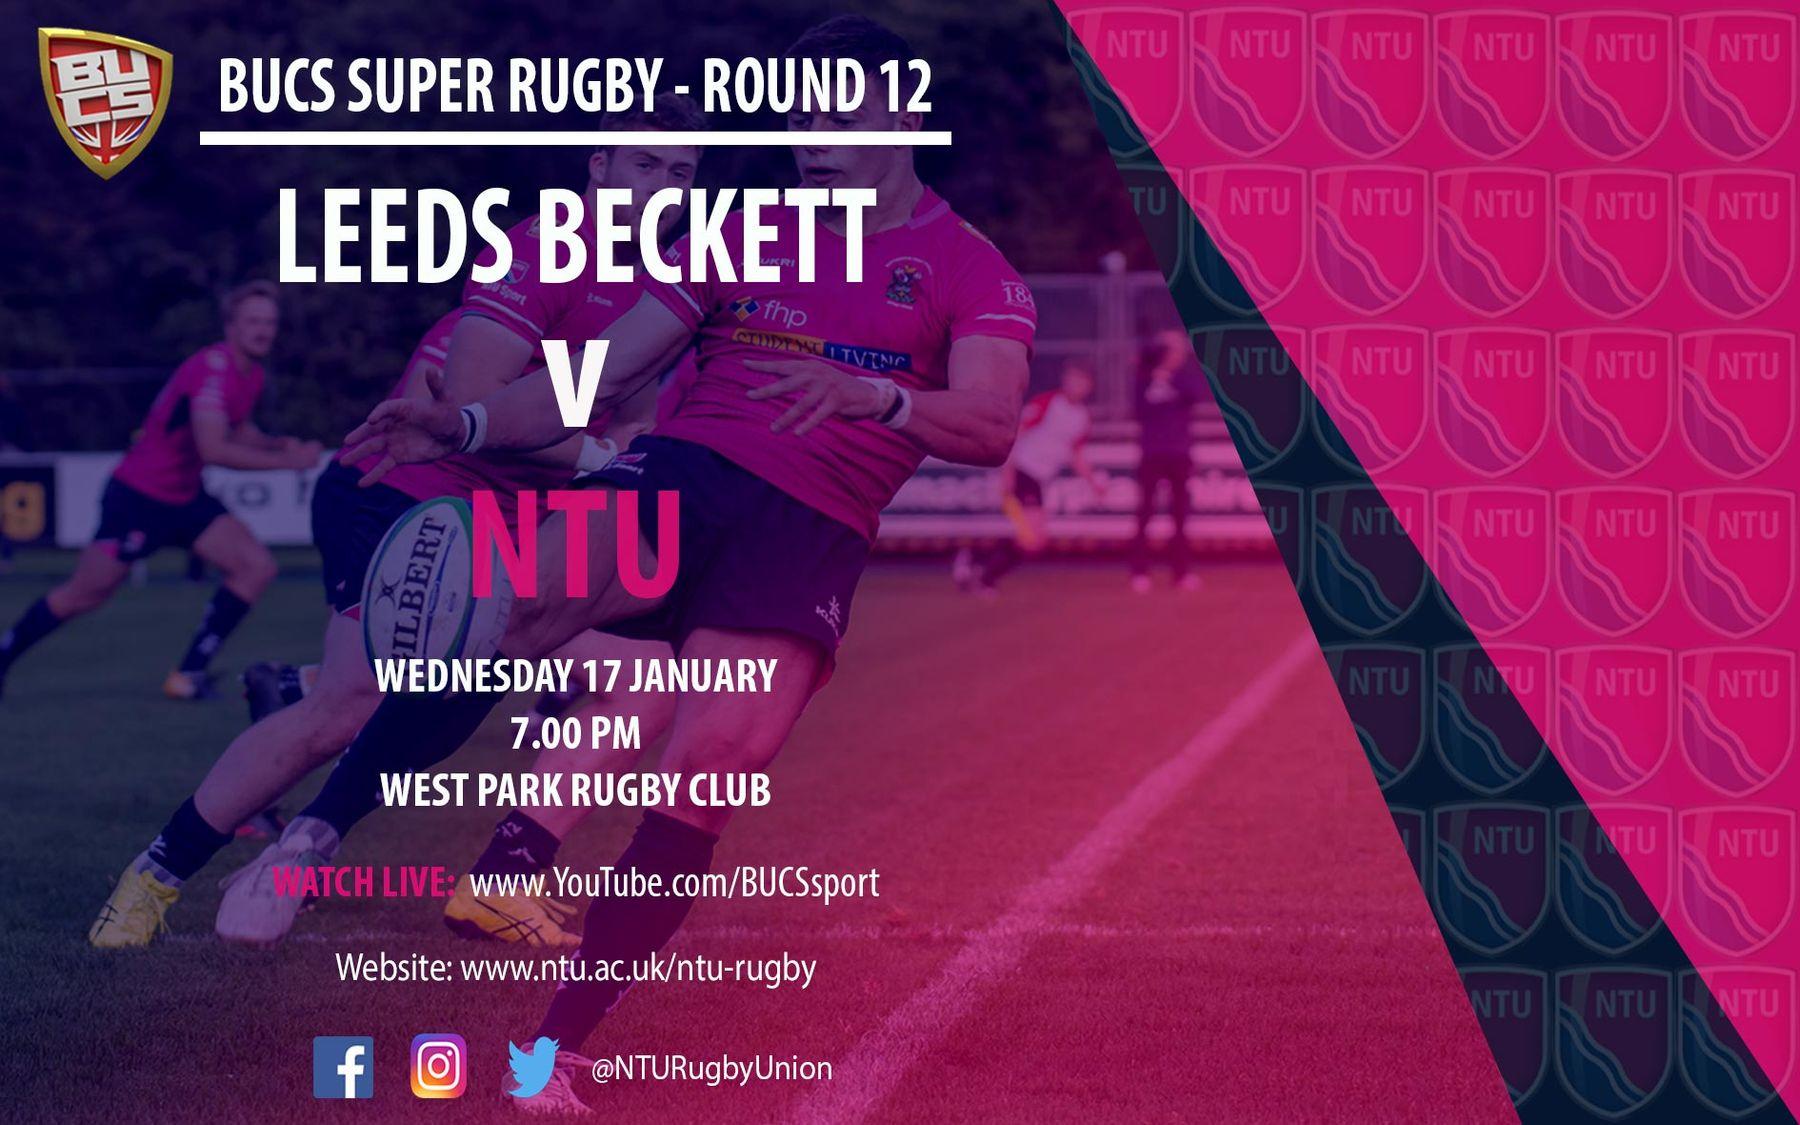 Leeds Beckett v NTU